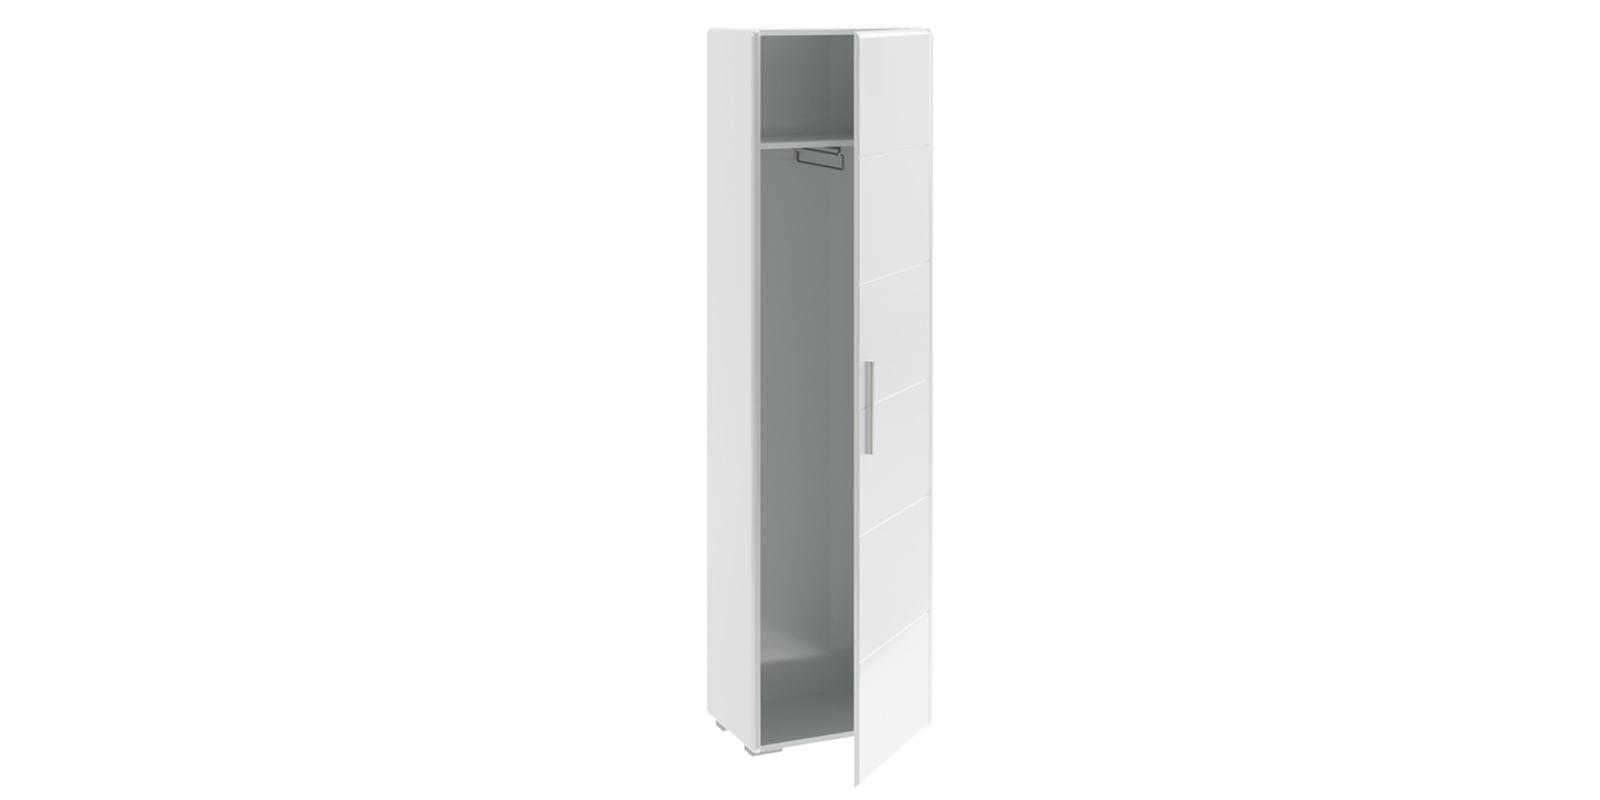 Шкаф распашной однодверный Сорренто вариант №1 (белый глянец)